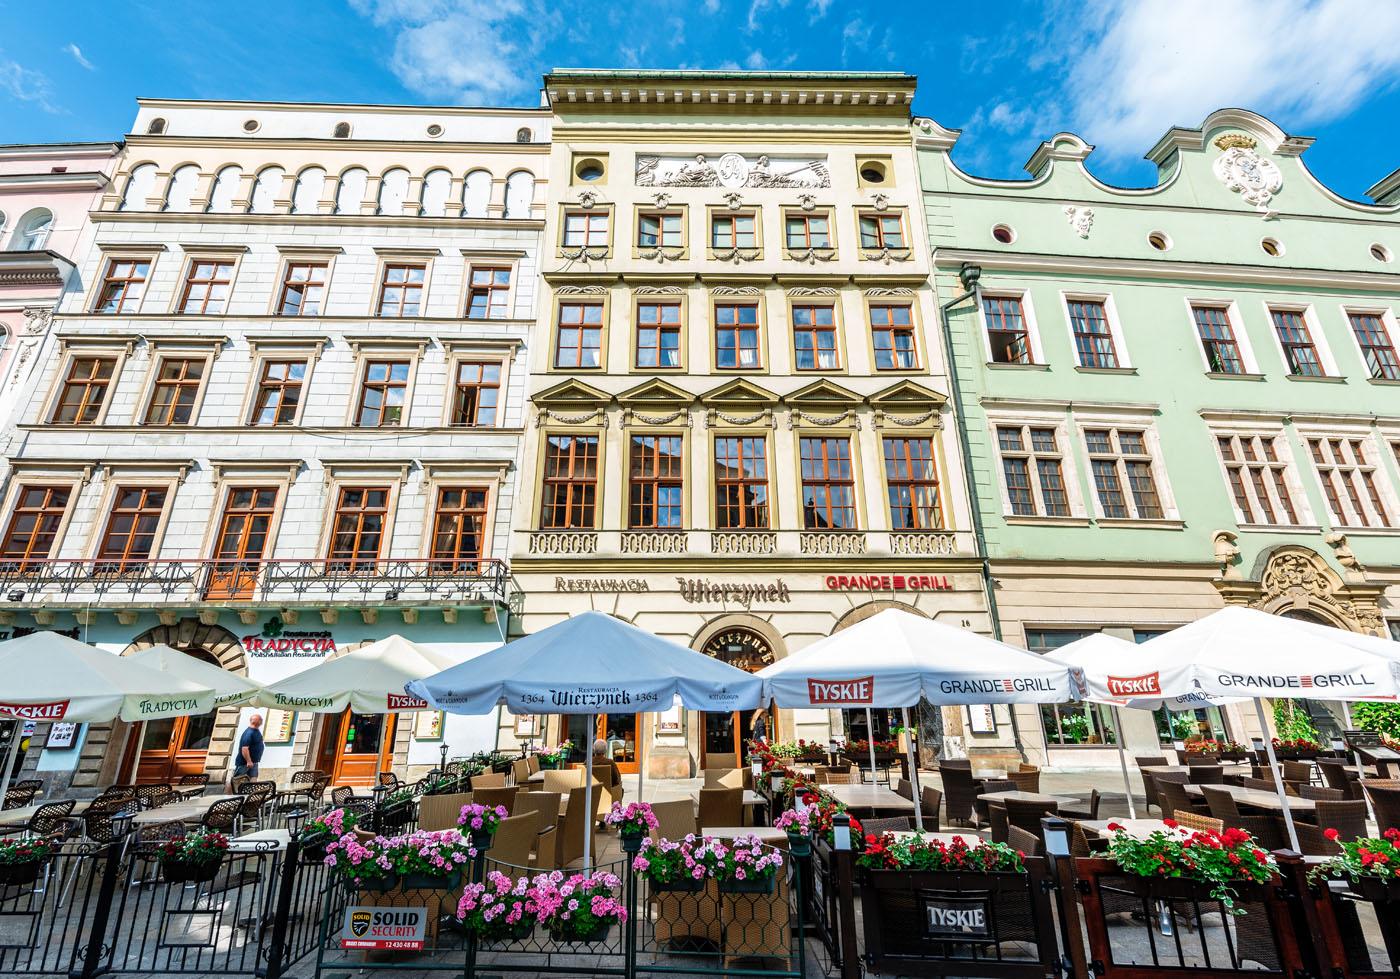 Kamienica Restauracja Wierzynek Rynek Główny 16 Kraków